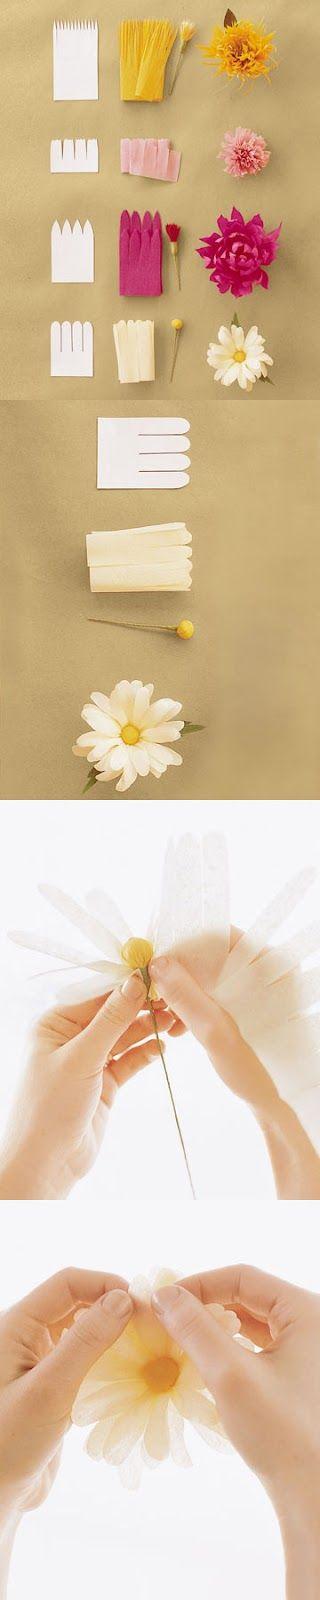 Dulce arteonline: Como fazer flores de papel crepom